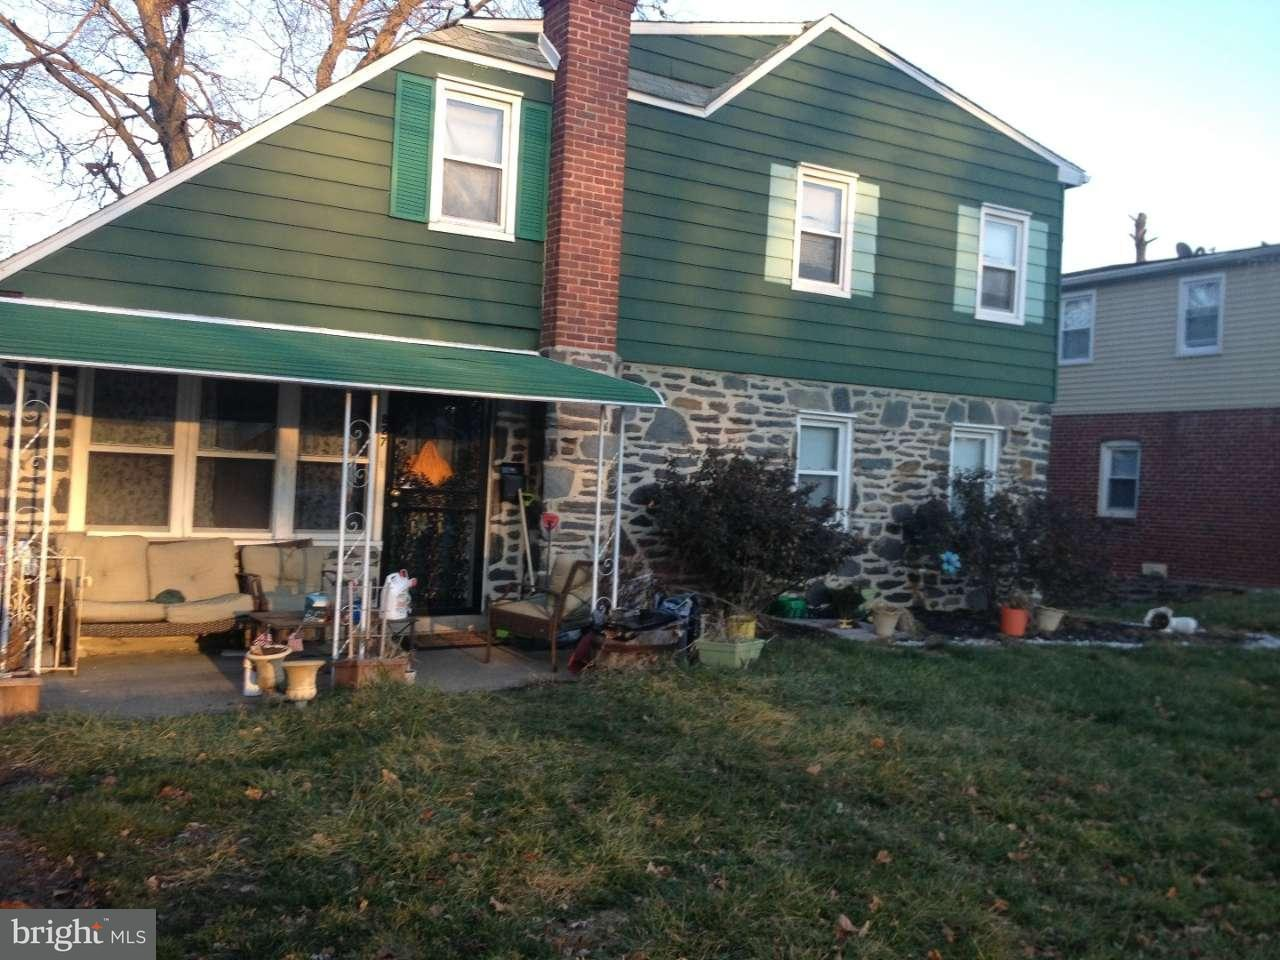 Частный односемейный дом для того Продажа на 827 E PENN PINES BLVD Aldan, Пенсильвания 19018 Соединенные Штаты